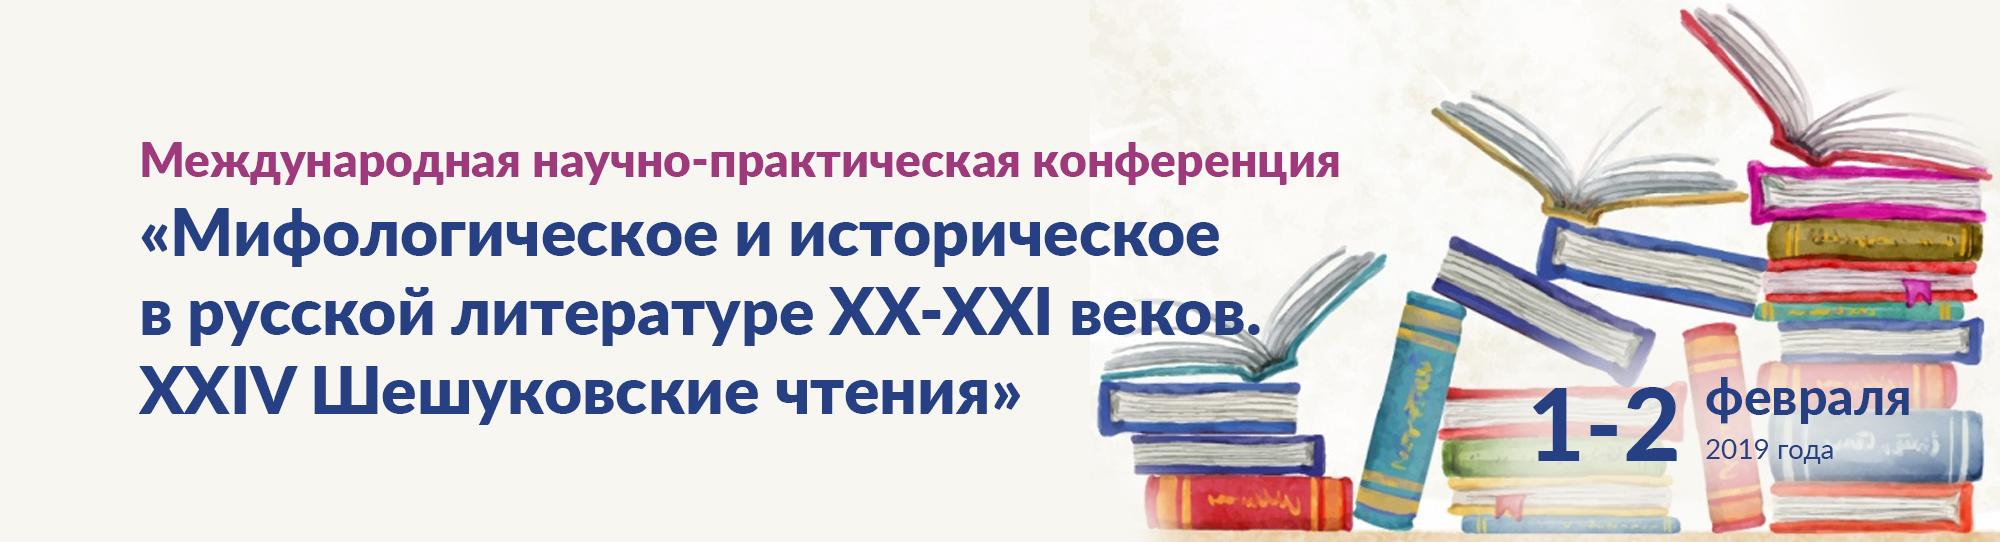 mpgu-site-big-banner-Priem-1-2013